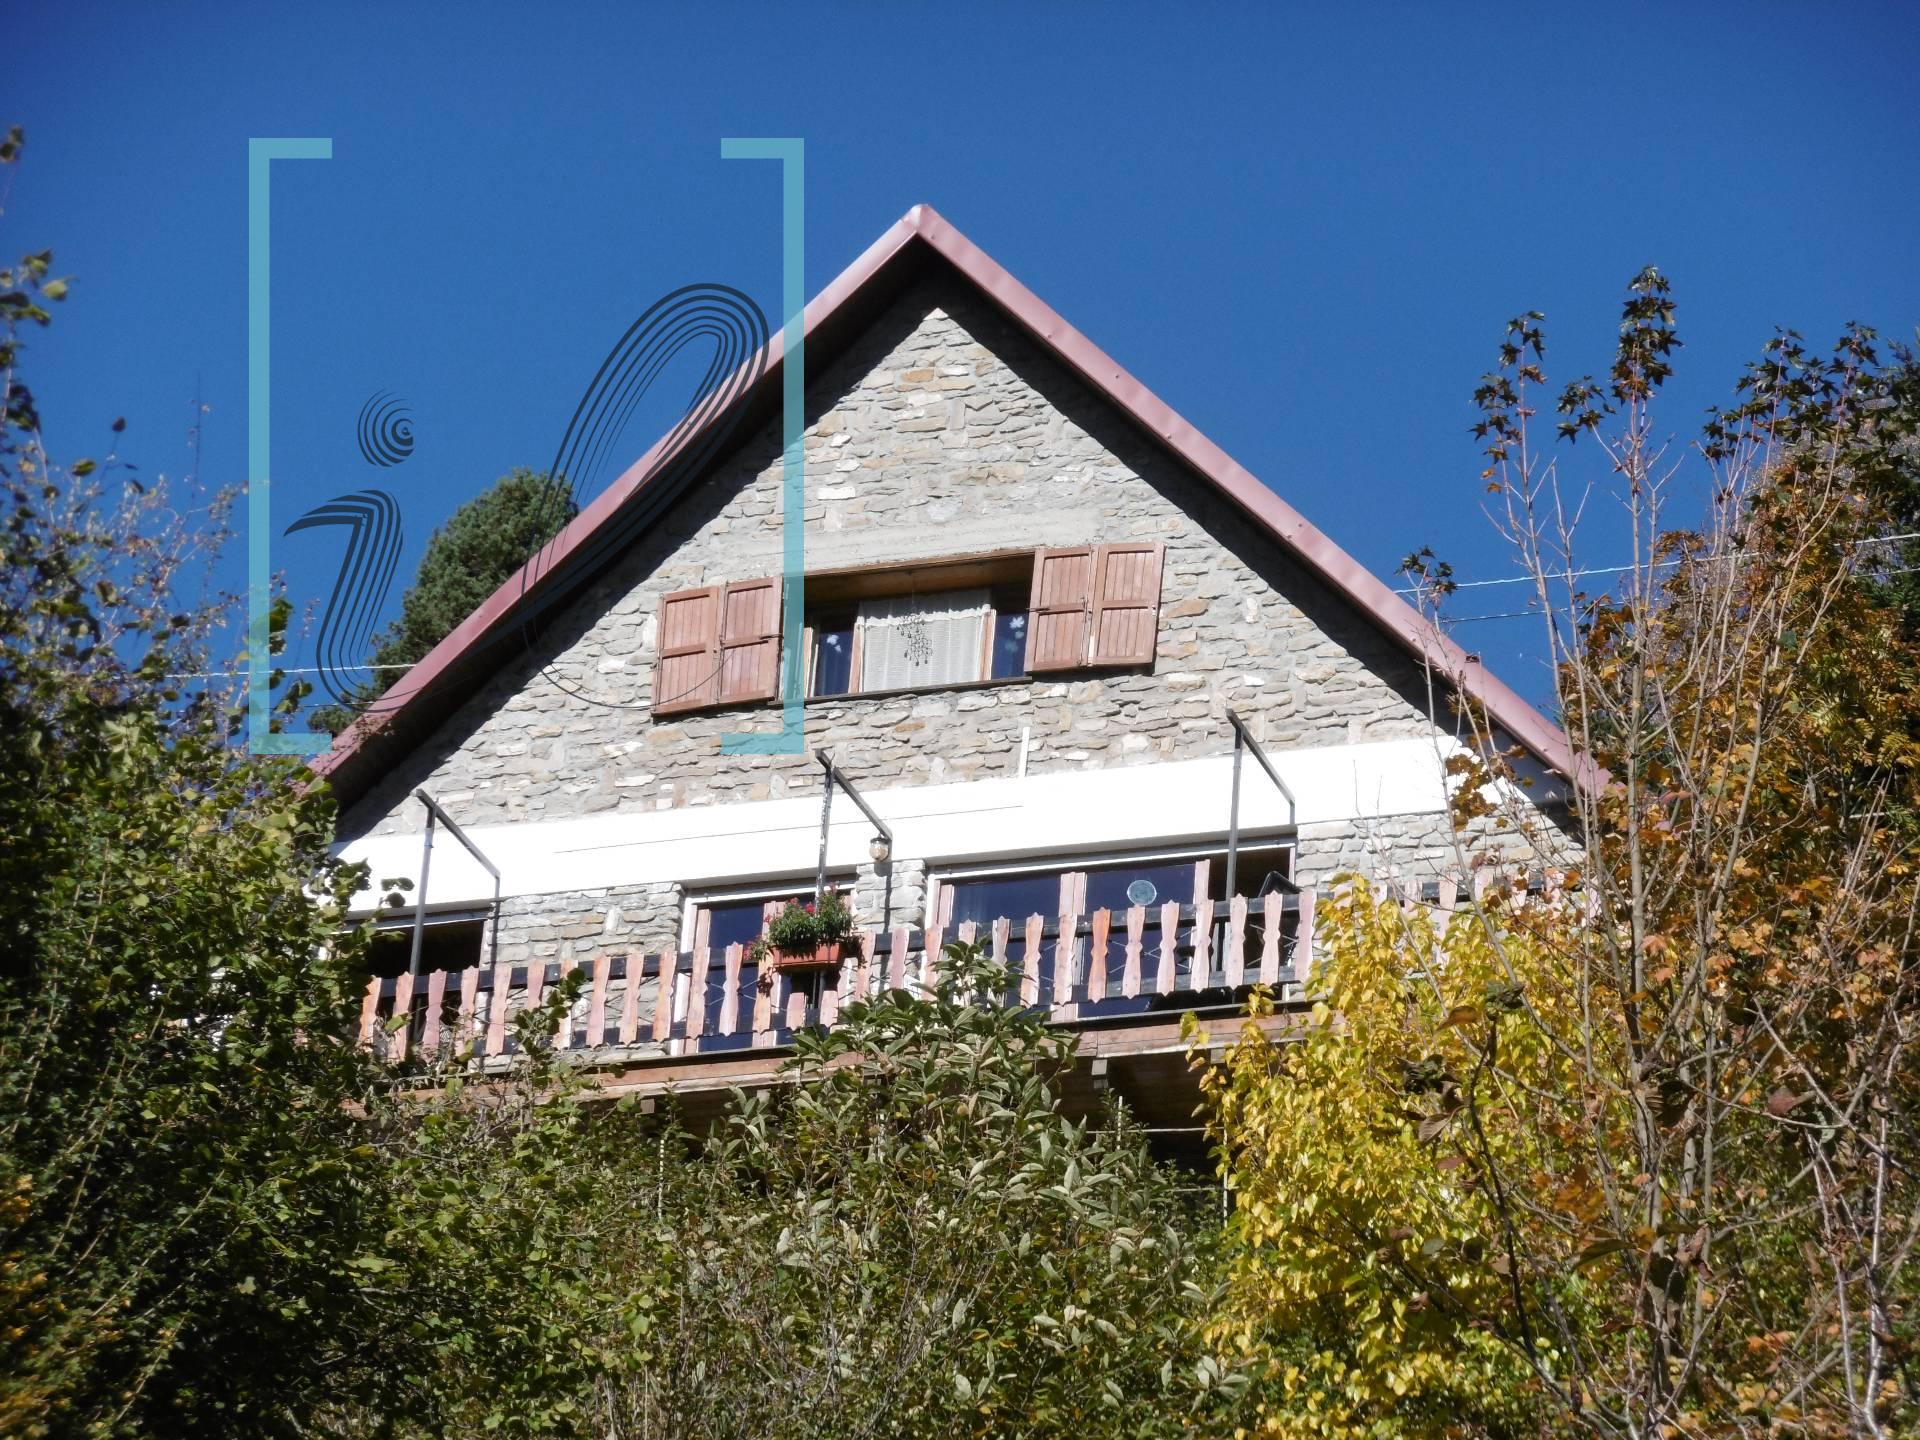 Villa in vendita a Mendatica, 5 locali, zona Località: SanBernardodiMendatica, prezzo € 110.000 | CambioCasa.it